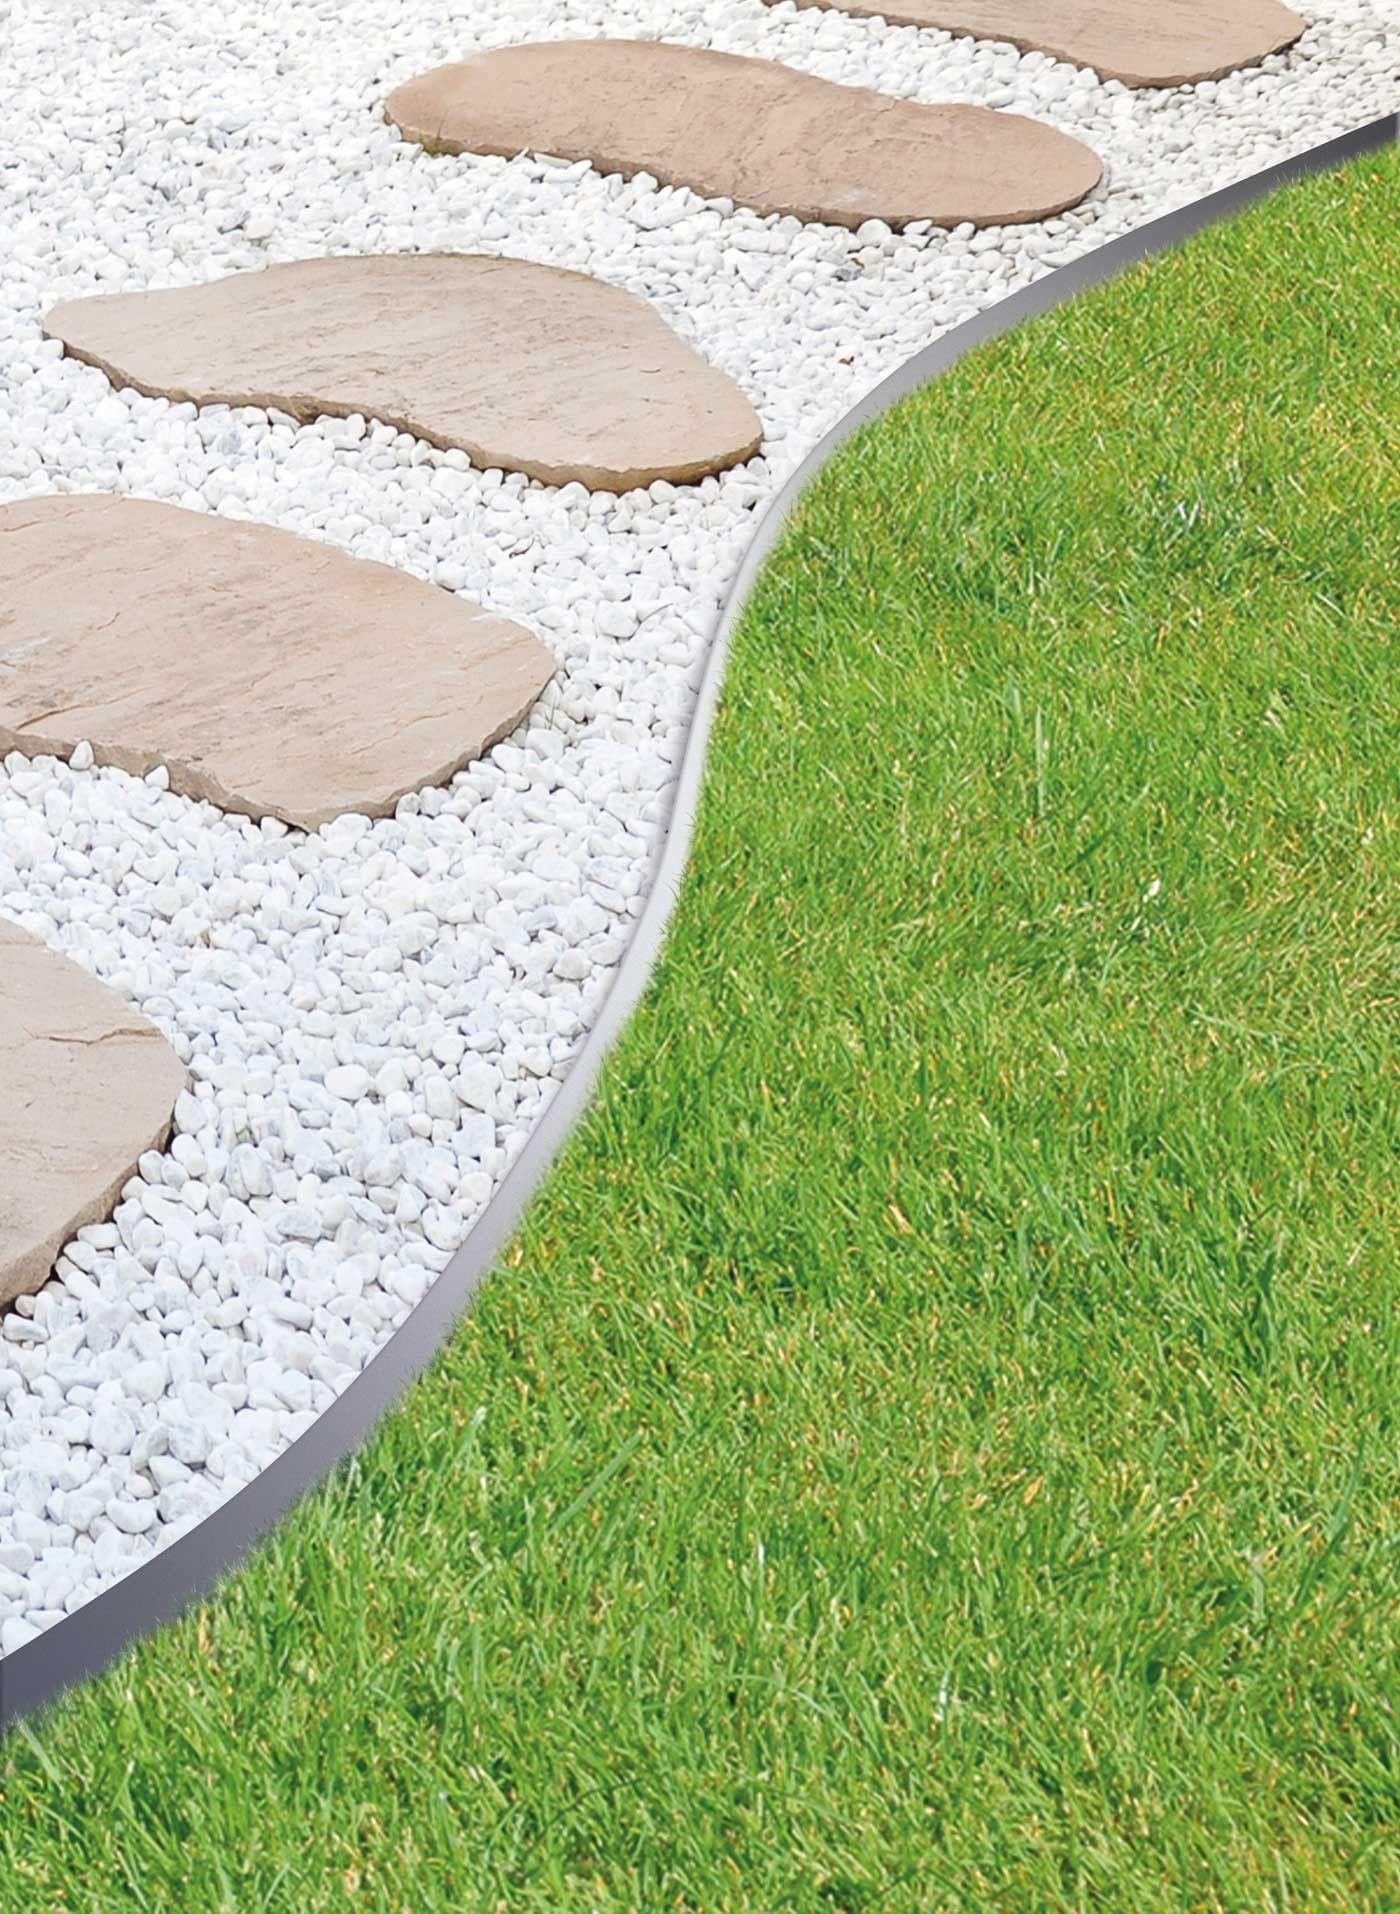 Bordure De Jardin En Acier Galvanisé Droite 118 X 0,065 X 13 ... pour Bordure Jardin Metal